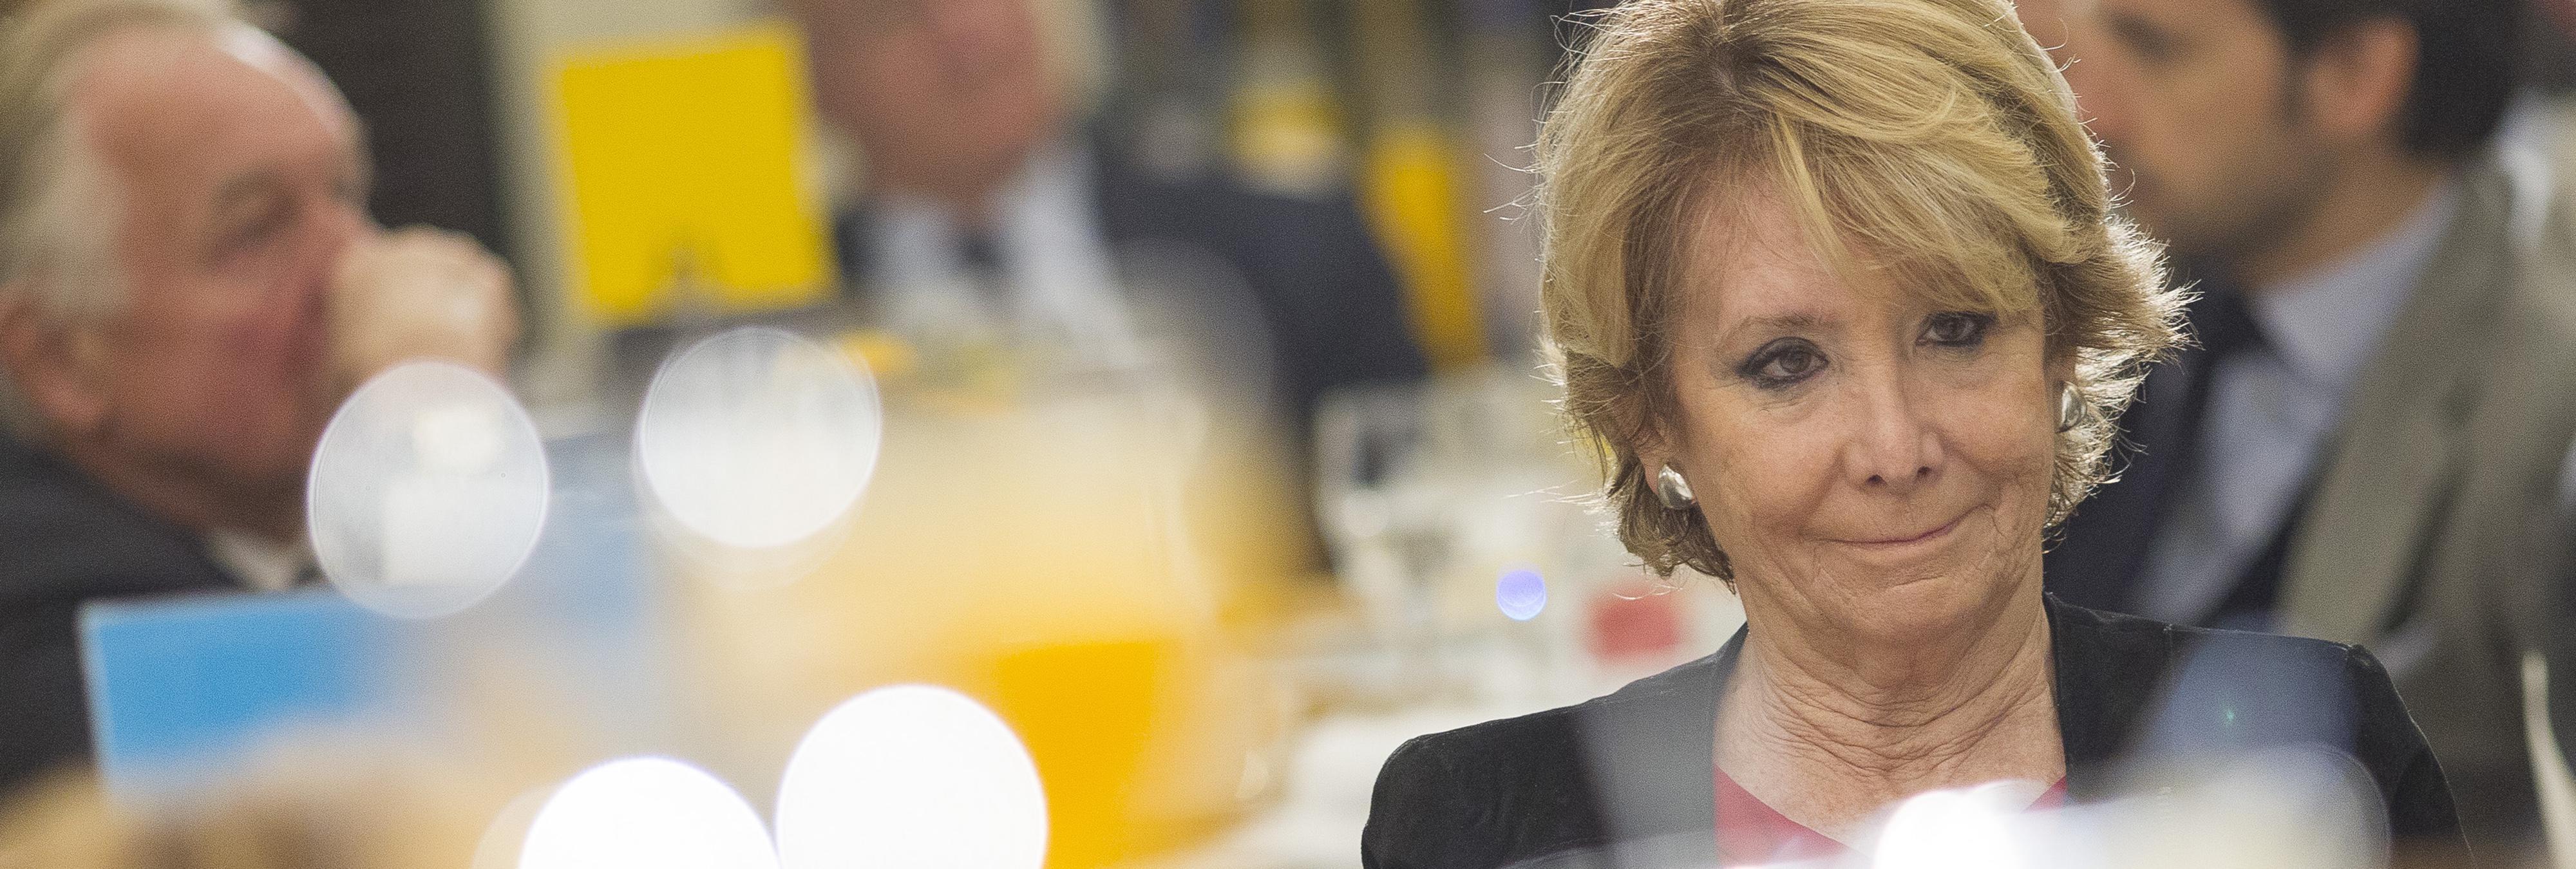 Esperanza Aguirre pide la dimisión de Montoro